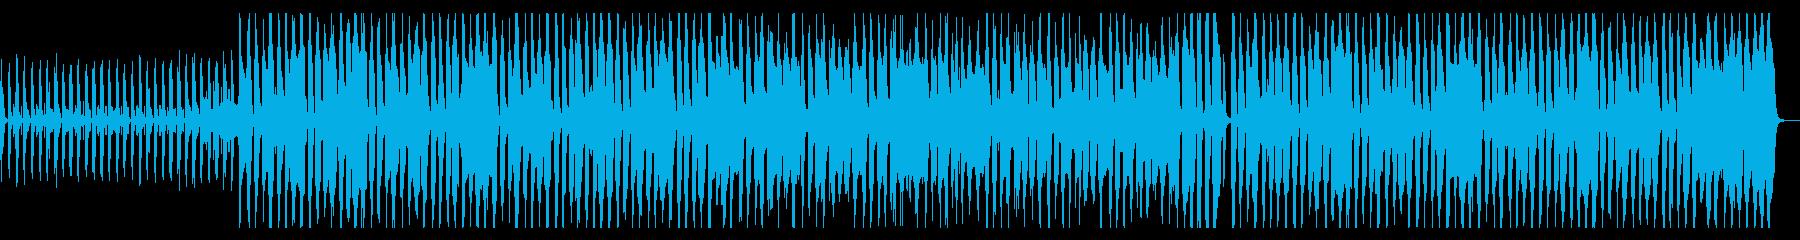 ウキウキ、手拍子、ギター、ピアノの再生済みの波形